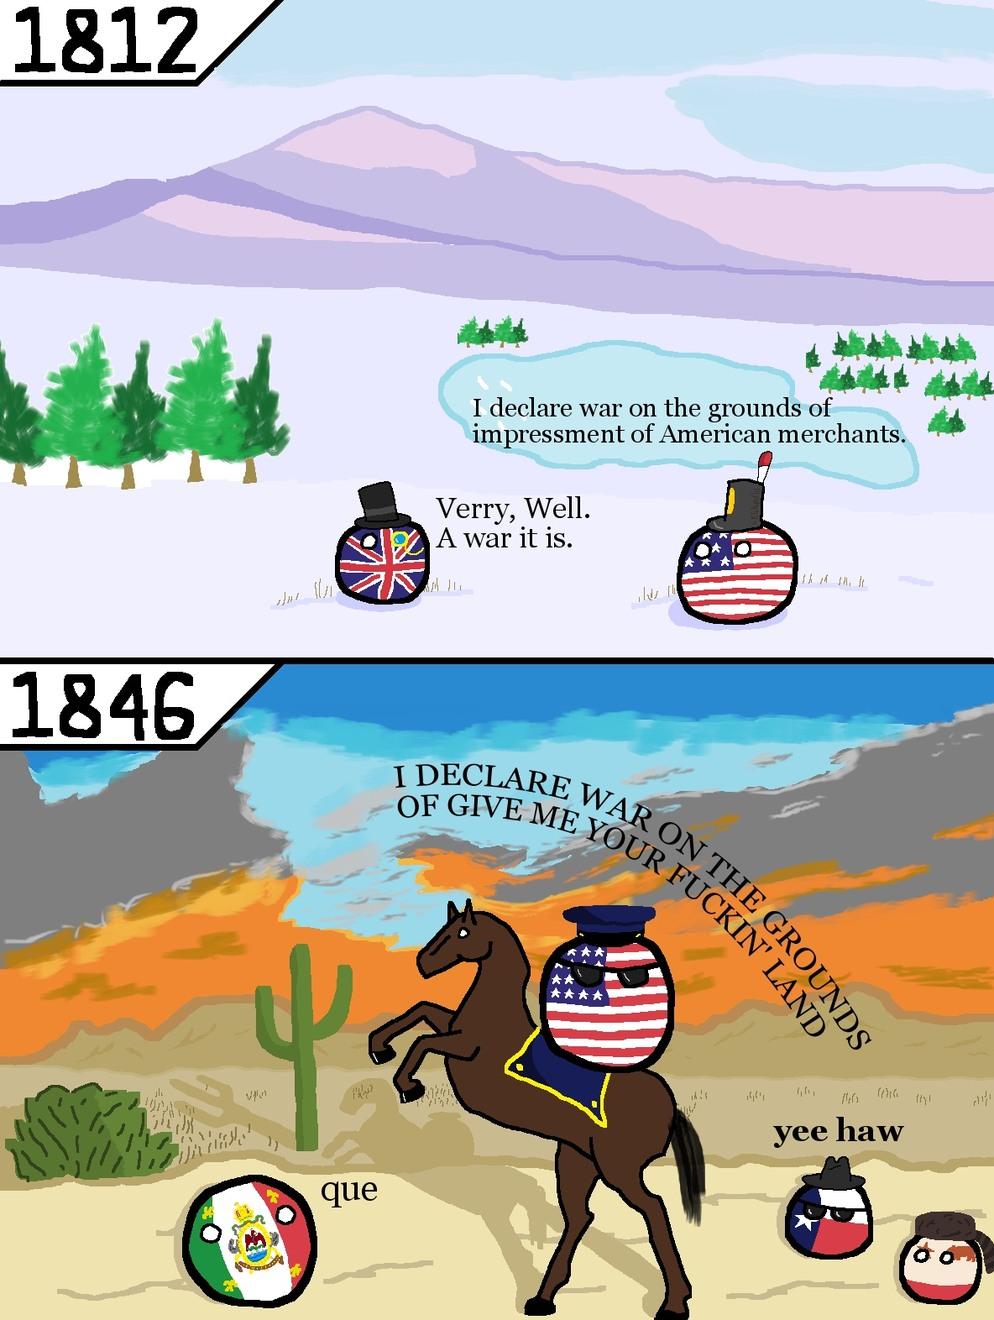 How war is declared - meme